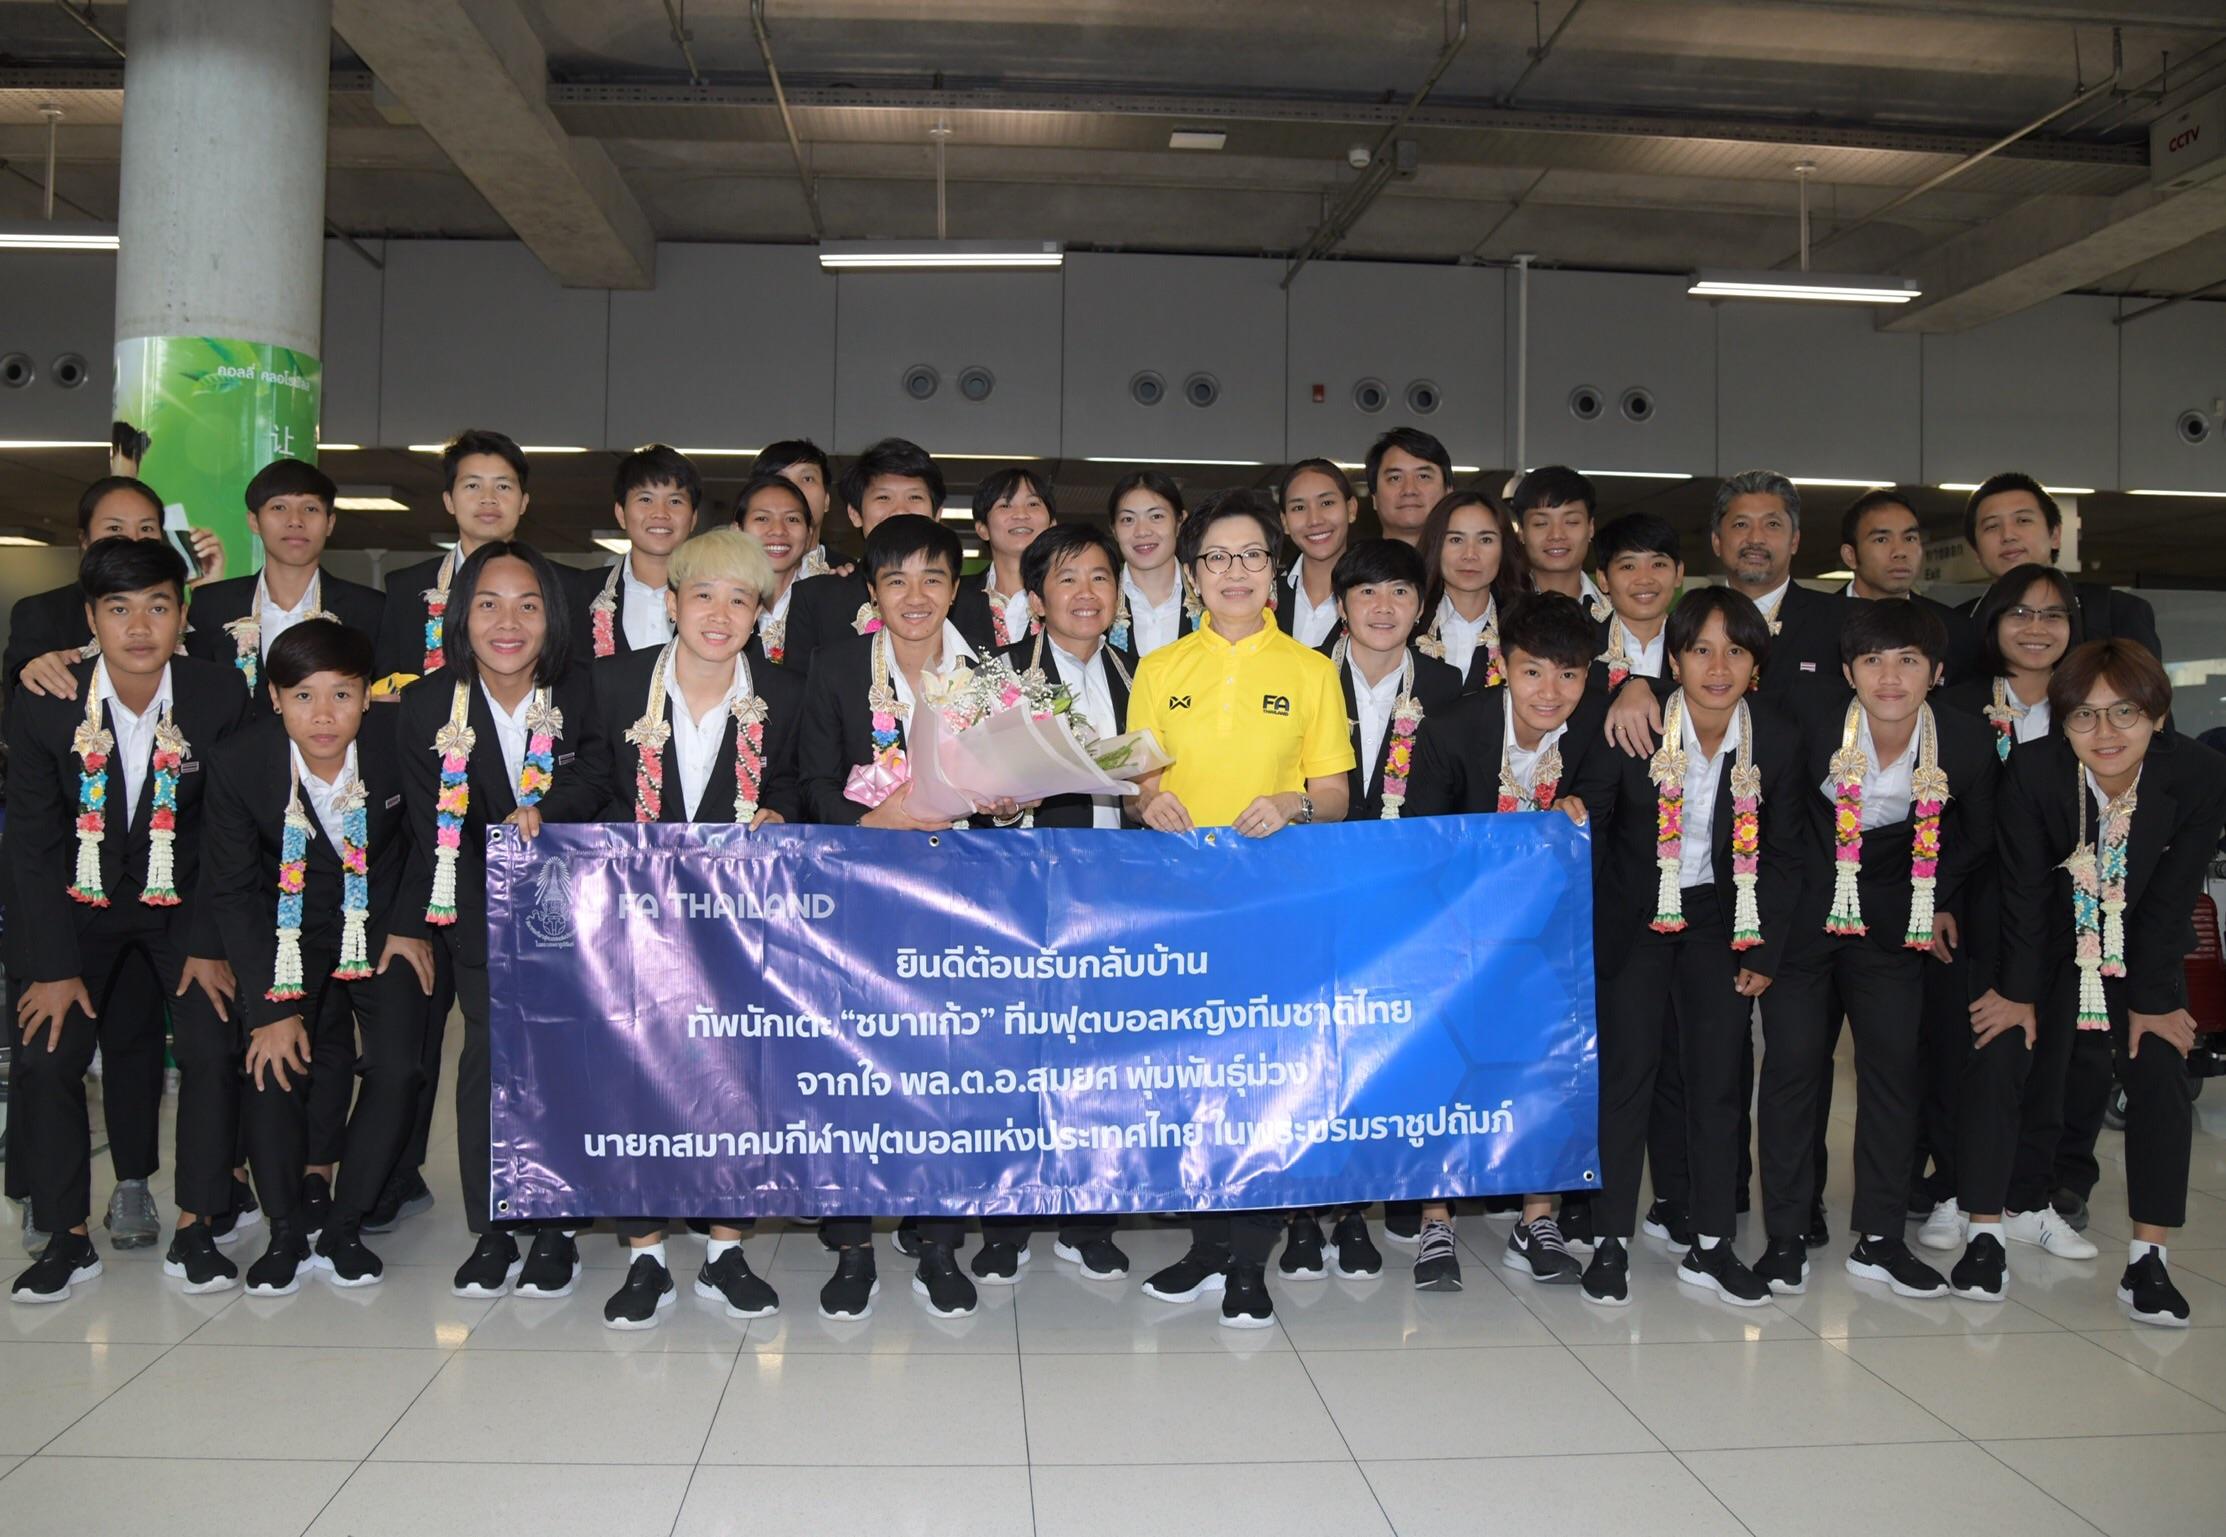 บอลโลกหญิง 2019 ฟุตบอลหญิงทีมชาติไทย หนึ่งฤทัย สระทองเวียน